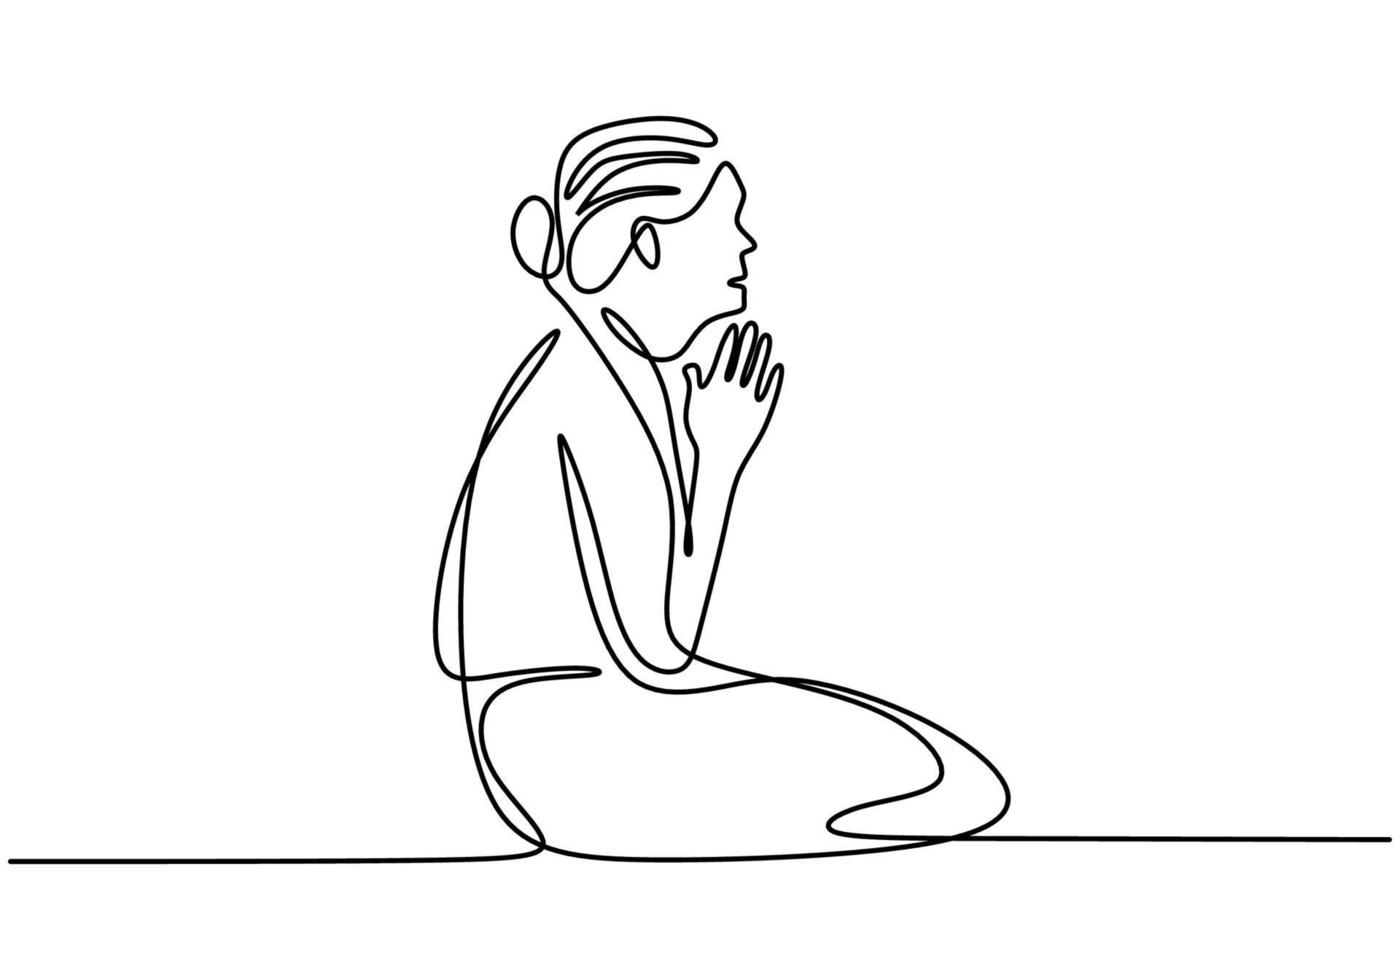 mulher sentada no chão e as mãos postas juntas, como se ela estivesse rezando um desenho de linha contínua isolado no fundo branco. mãos postas em conceito de oração pela fé. ilustração vetorial vetor